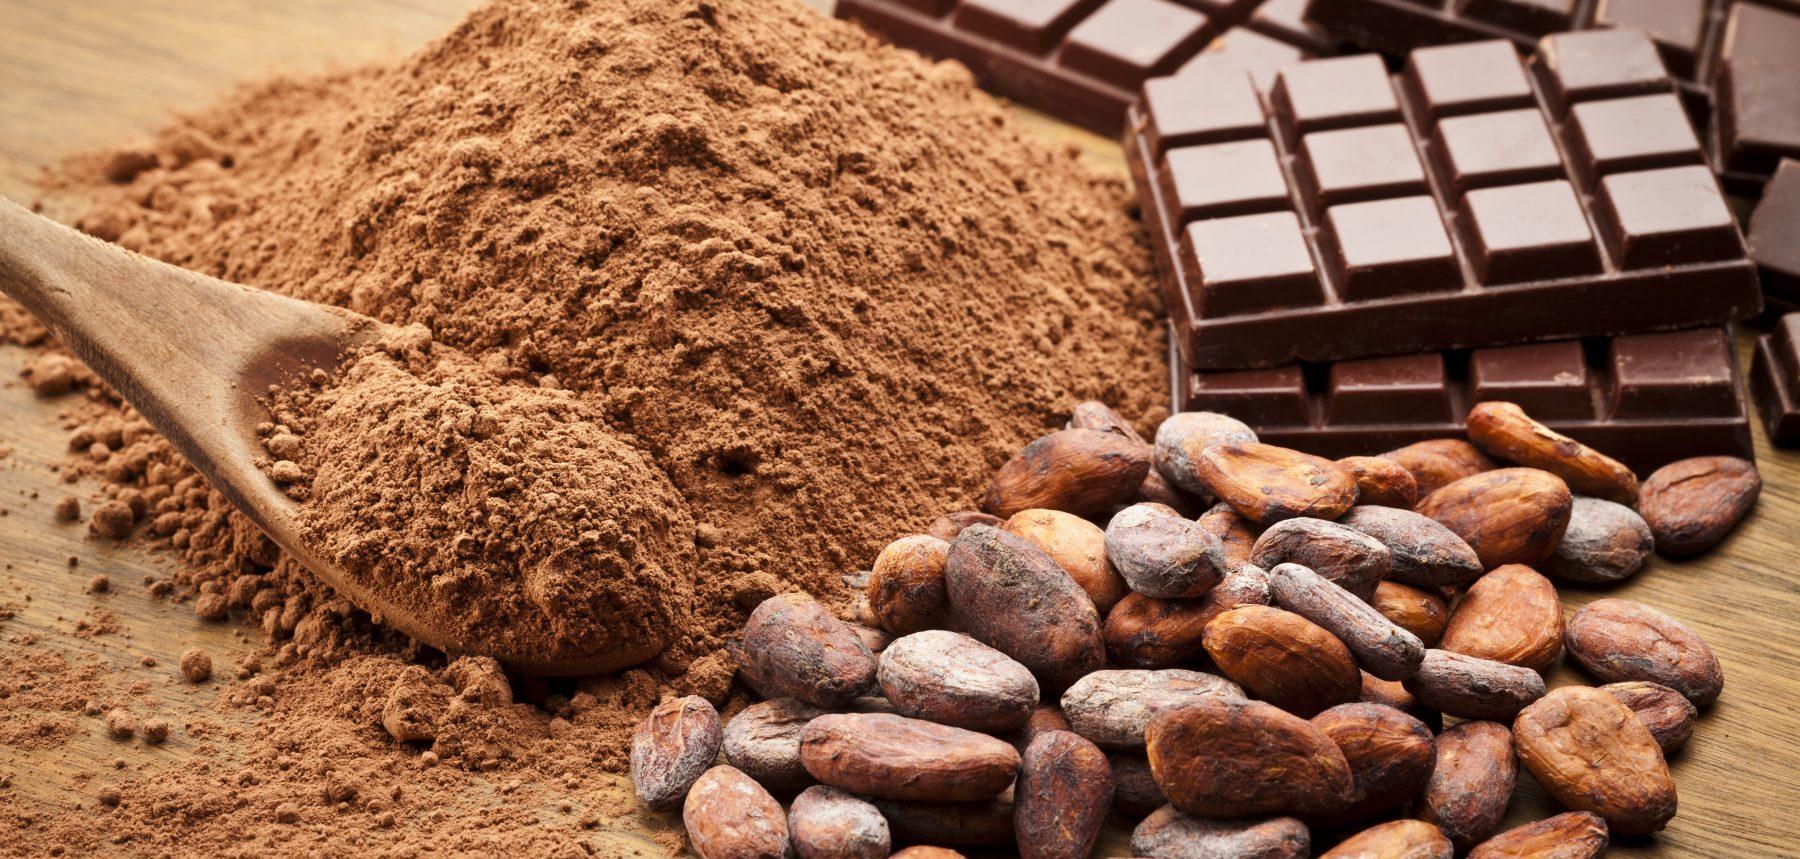 L'huile essentielle de cacao, un antistress qui vous veut du bien